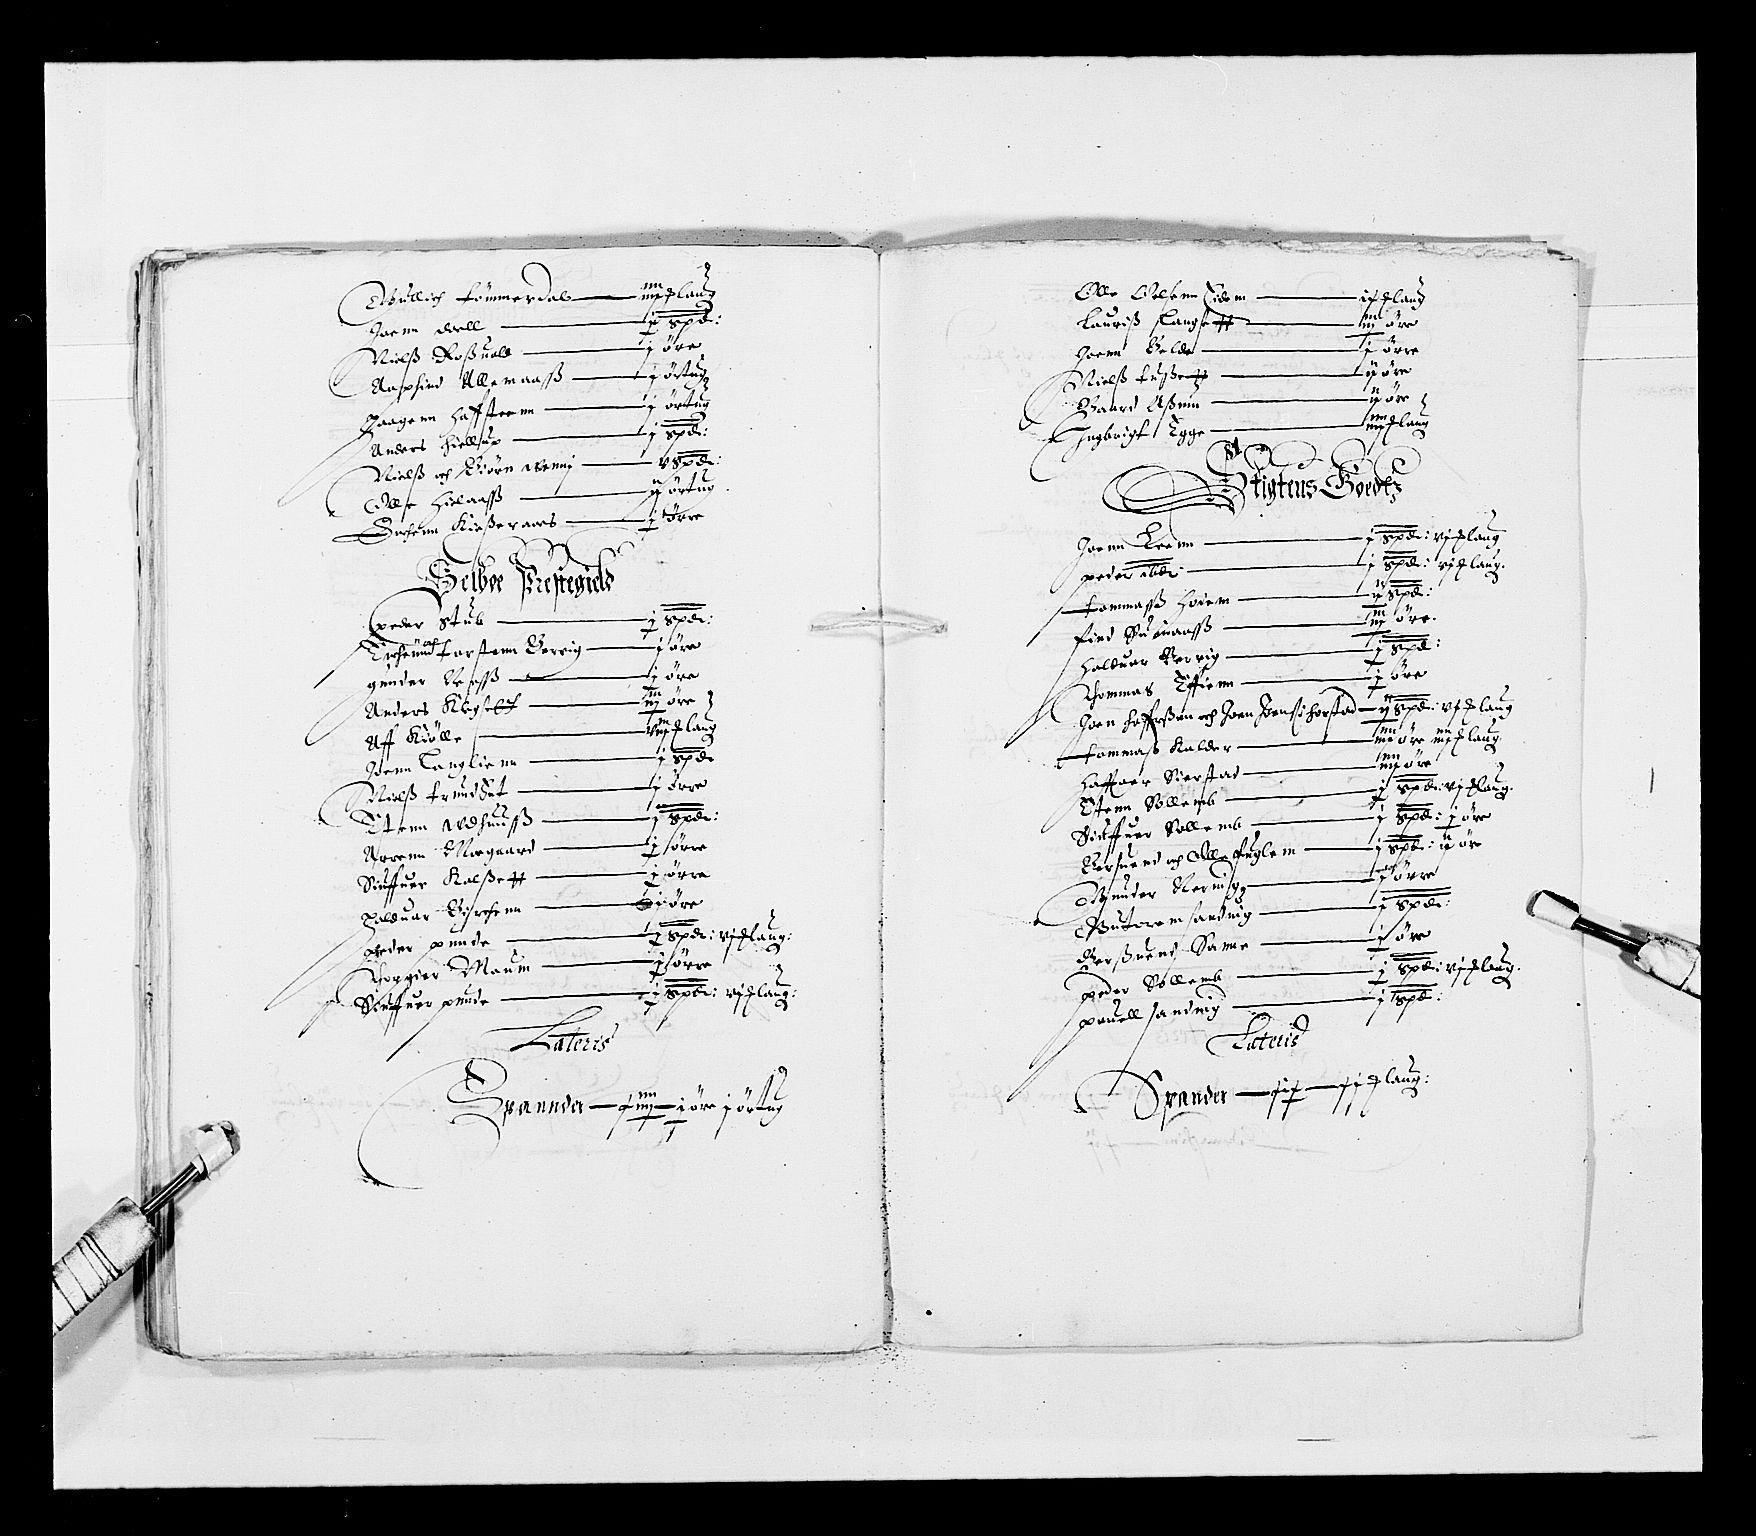 RA, Stattholderembetet 1572-1771, Ek/L0028: Jordebøker 1633-1658:, 1645-1646, s. 161